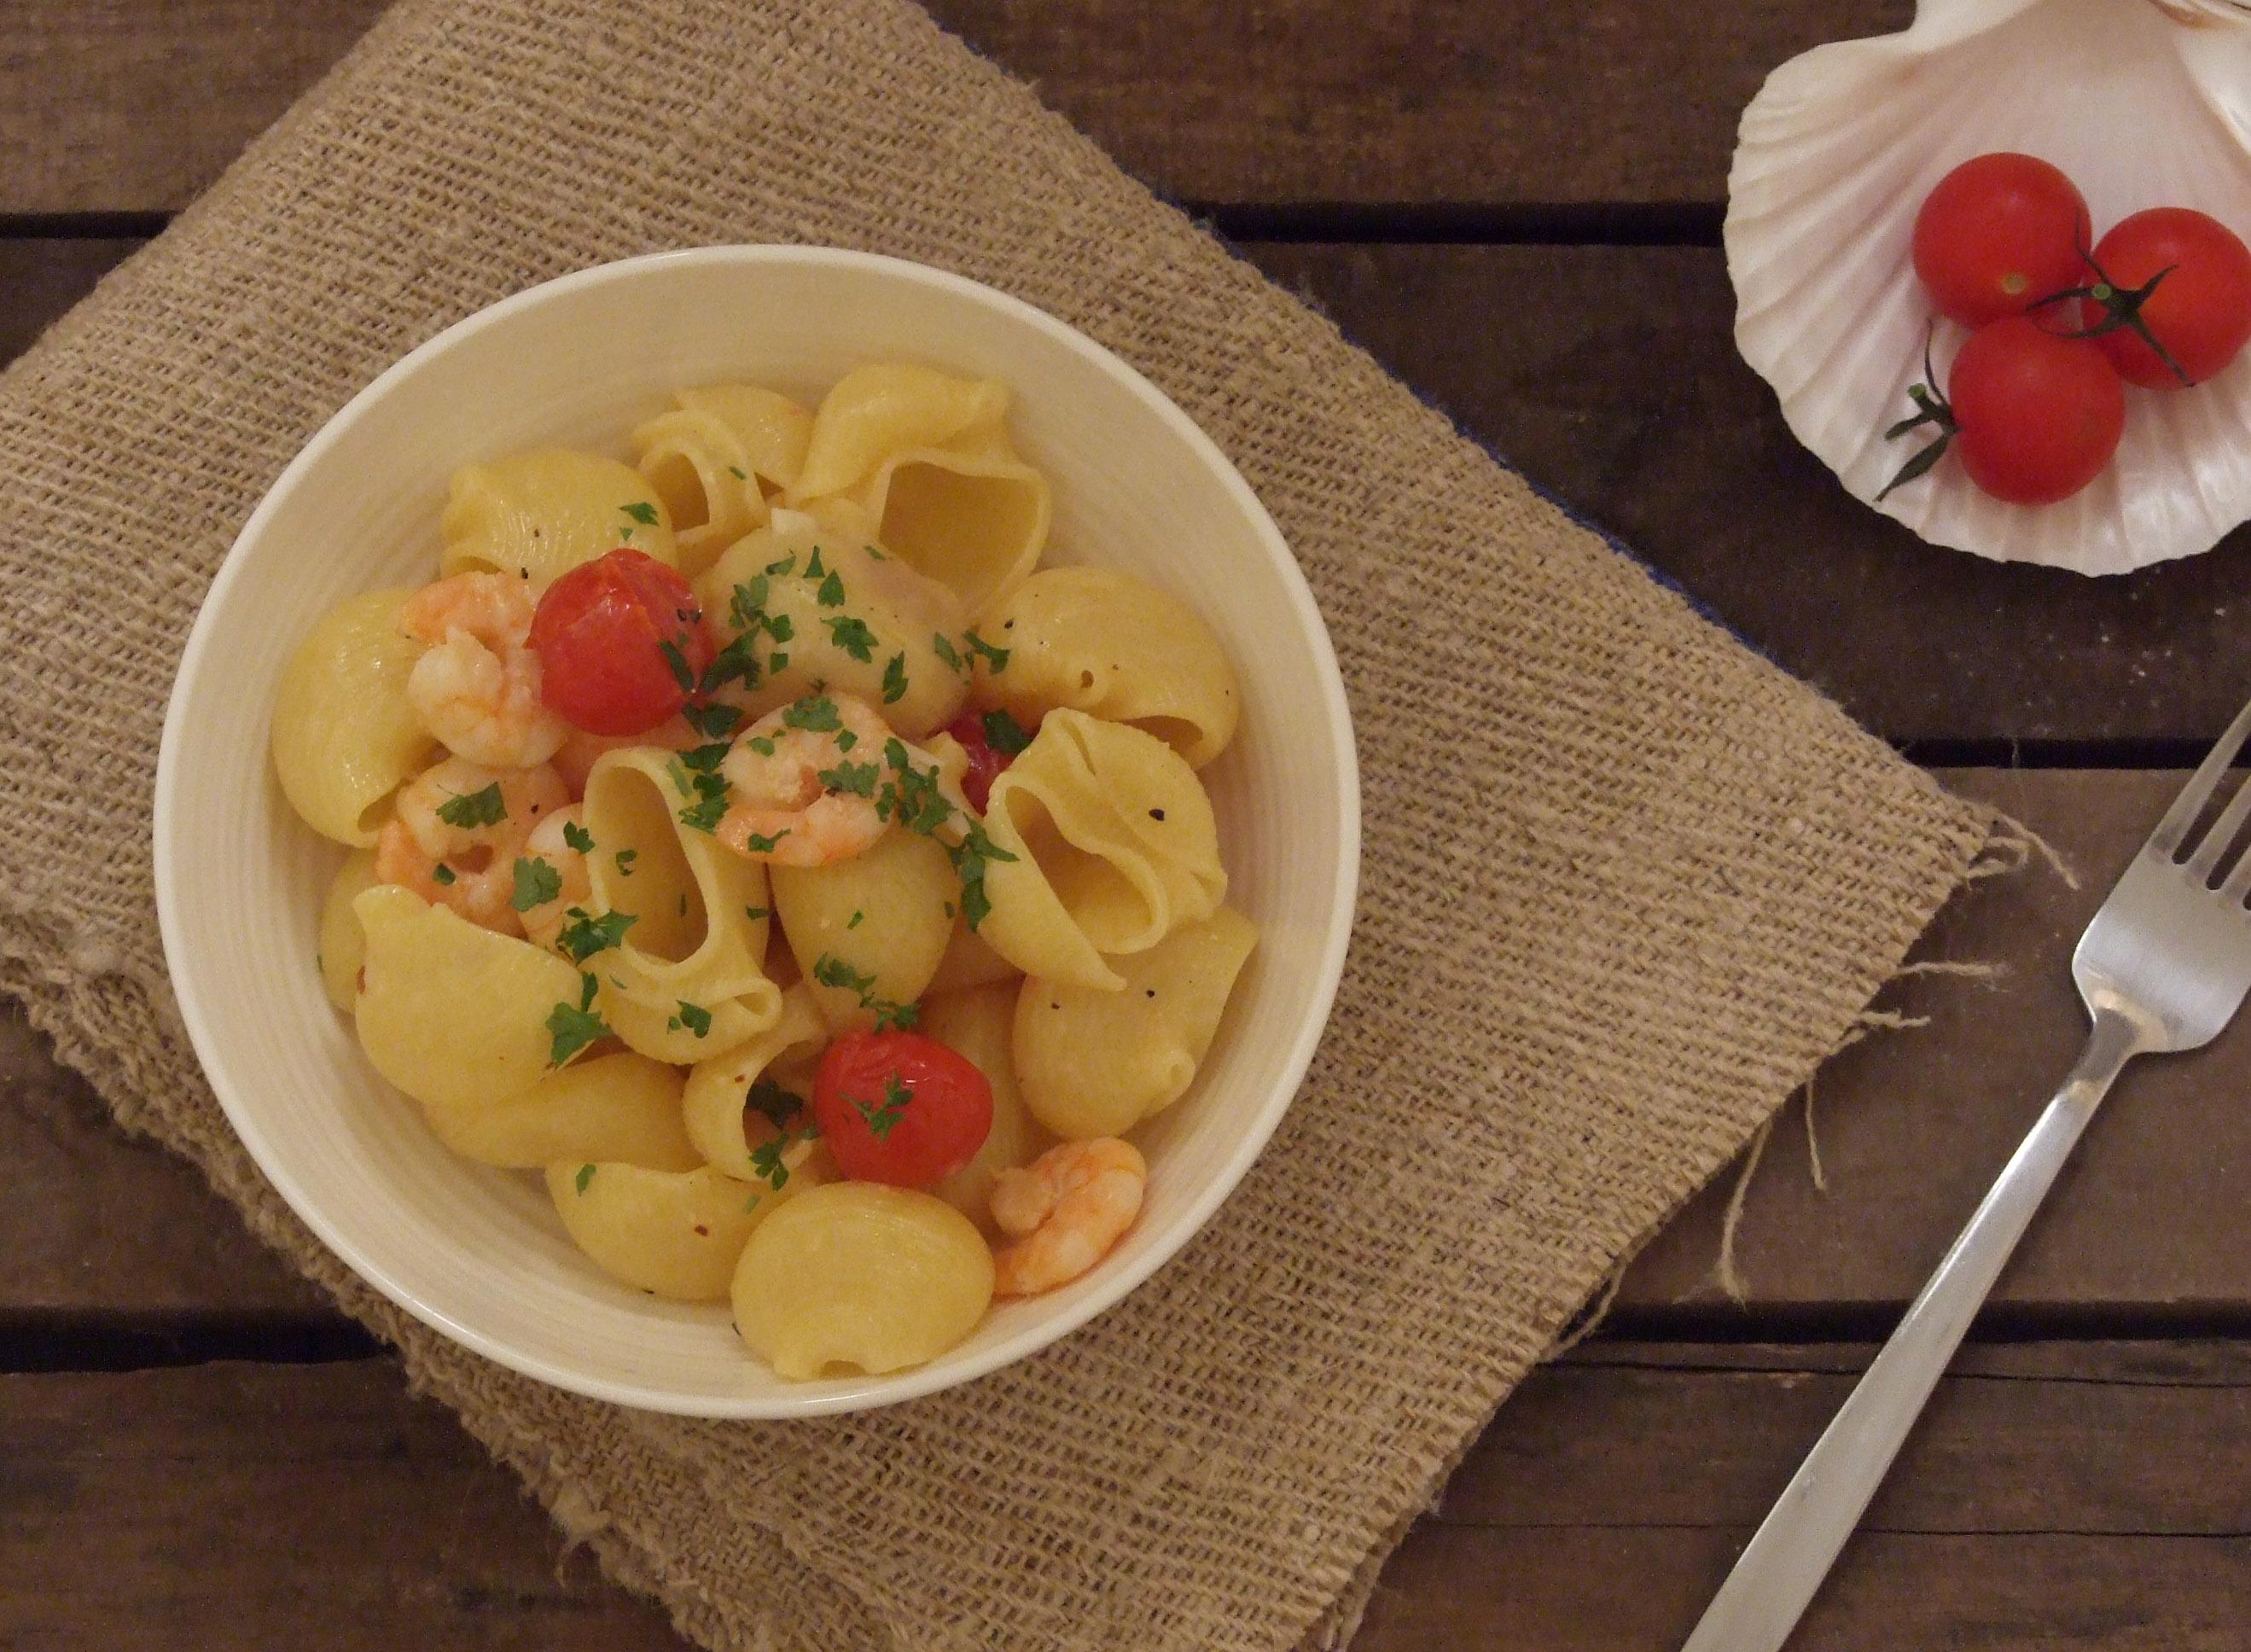 Conchiglie Shrimp Pasta